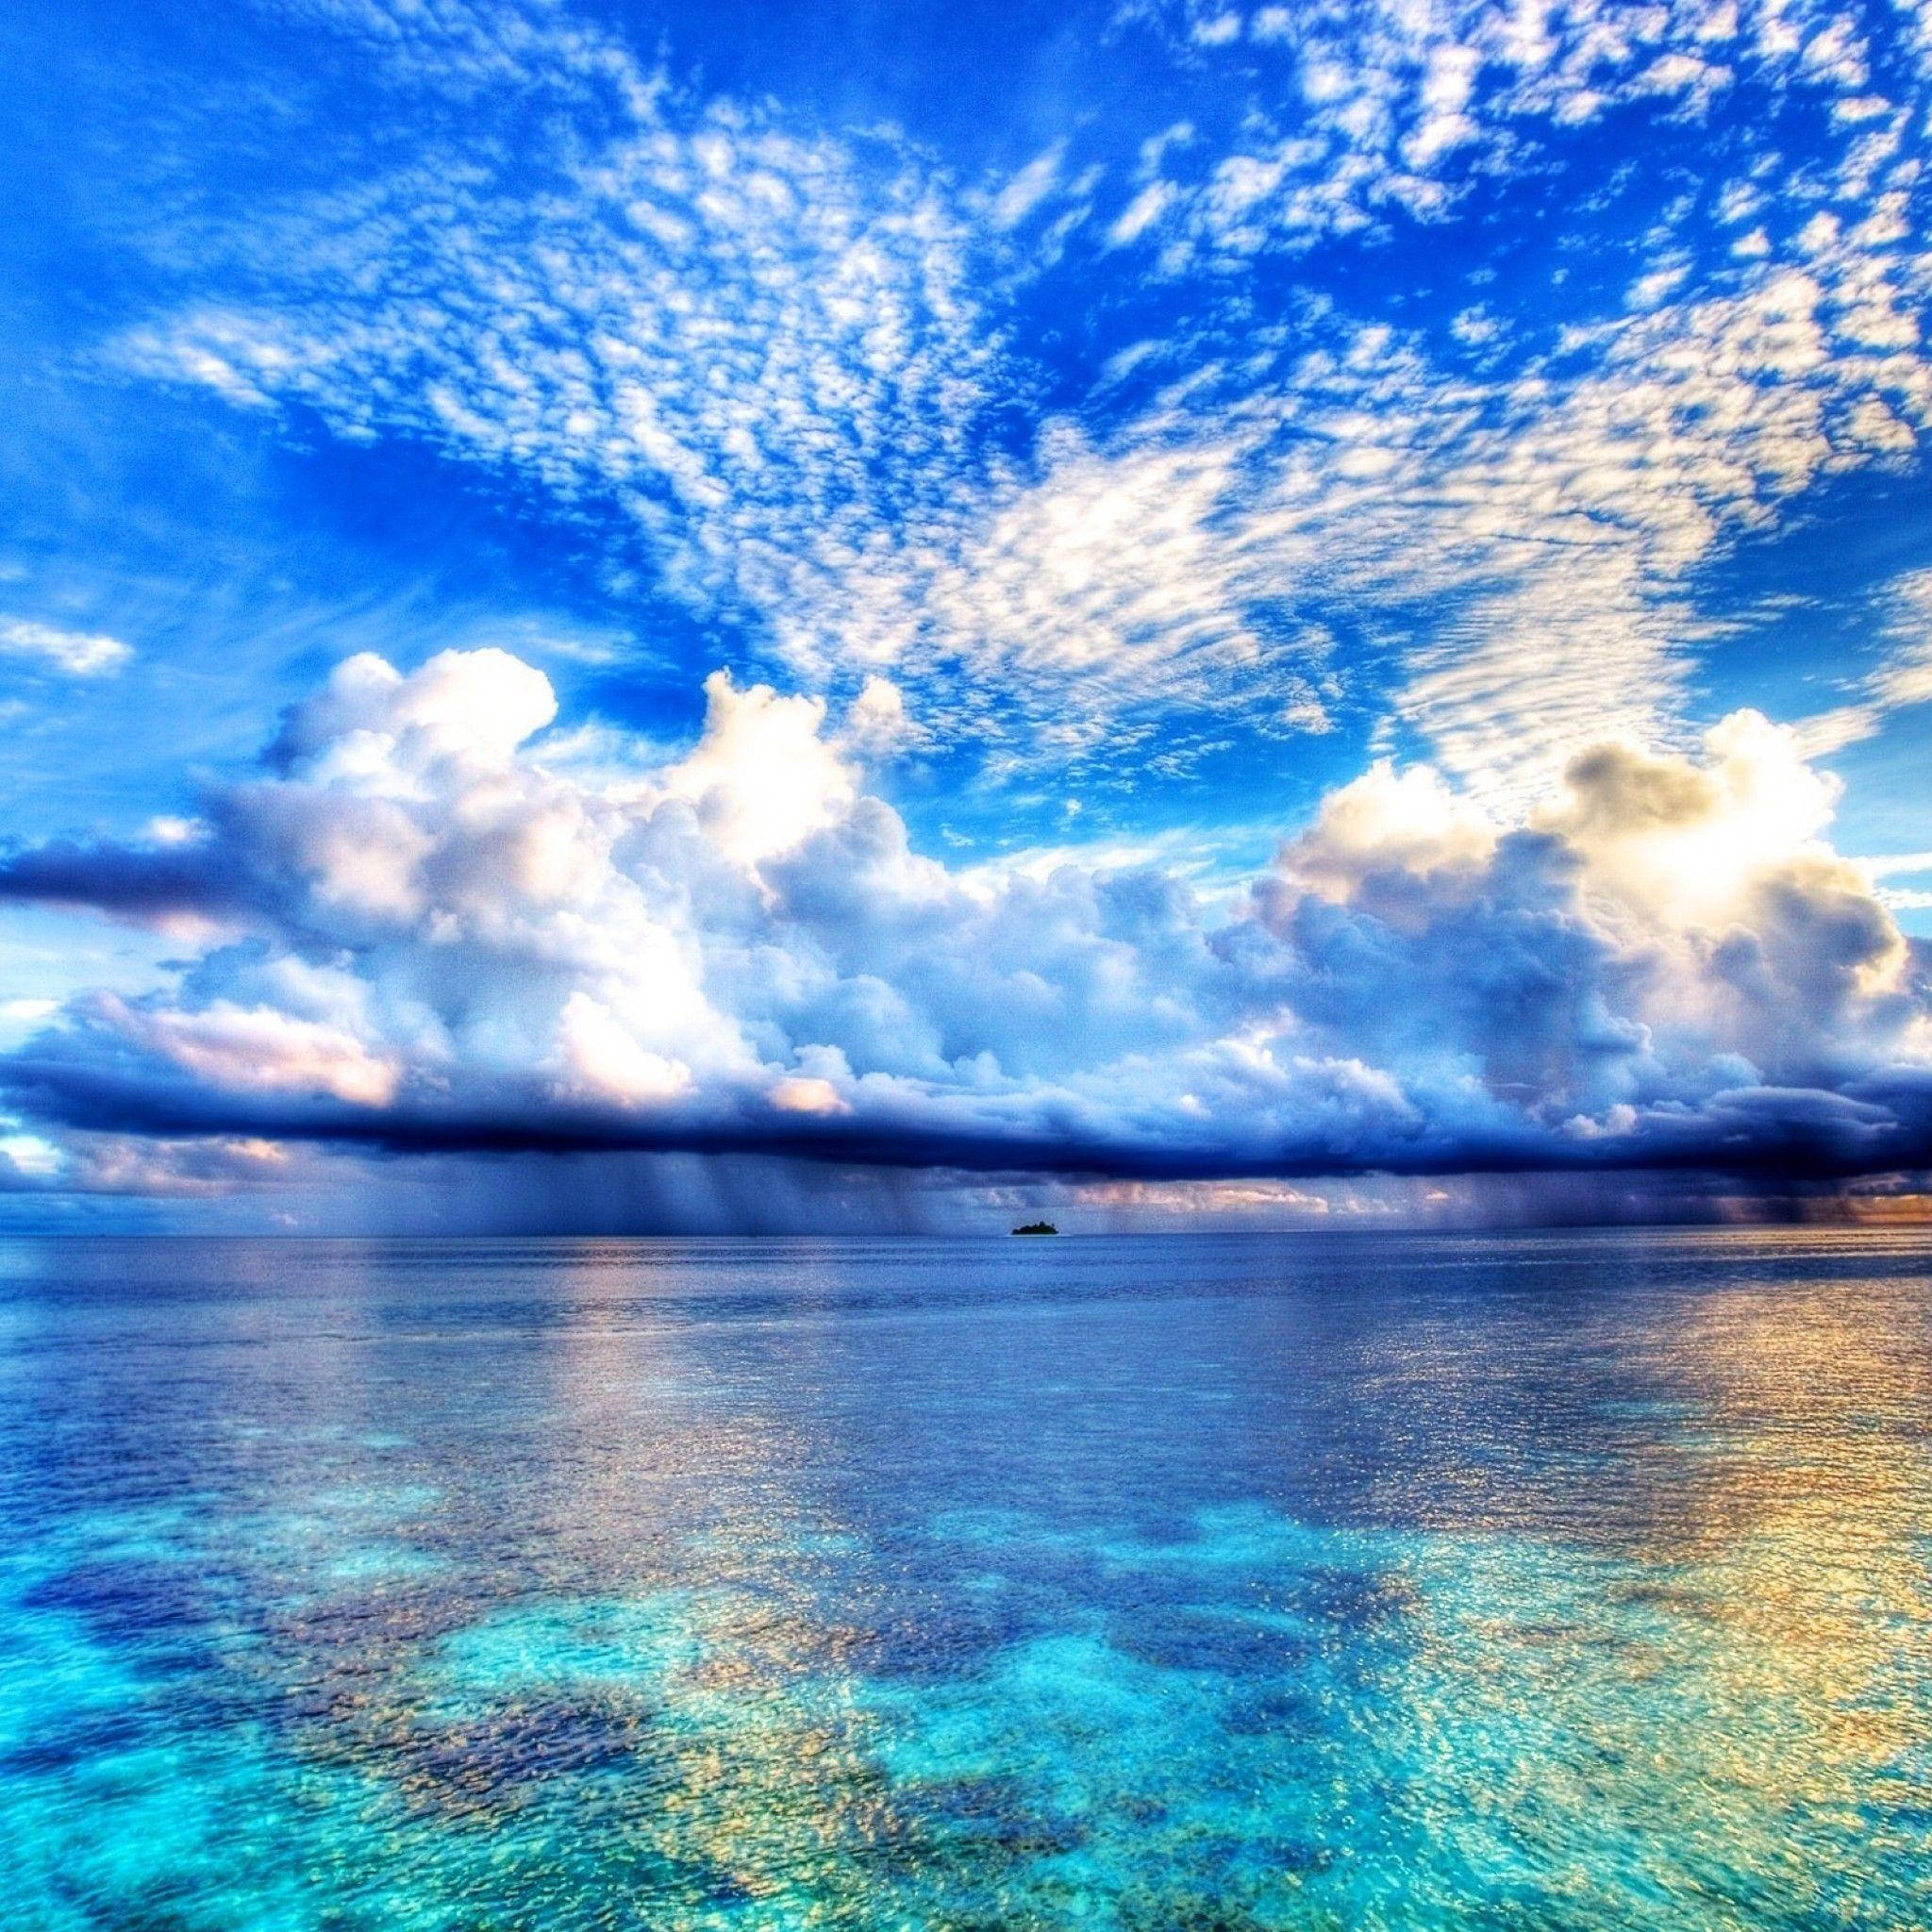 海 雨 壁紙 無料の壁紙 Ipad Wallpaper Gallery ビーチの壁紙 空 写真 夏 背景